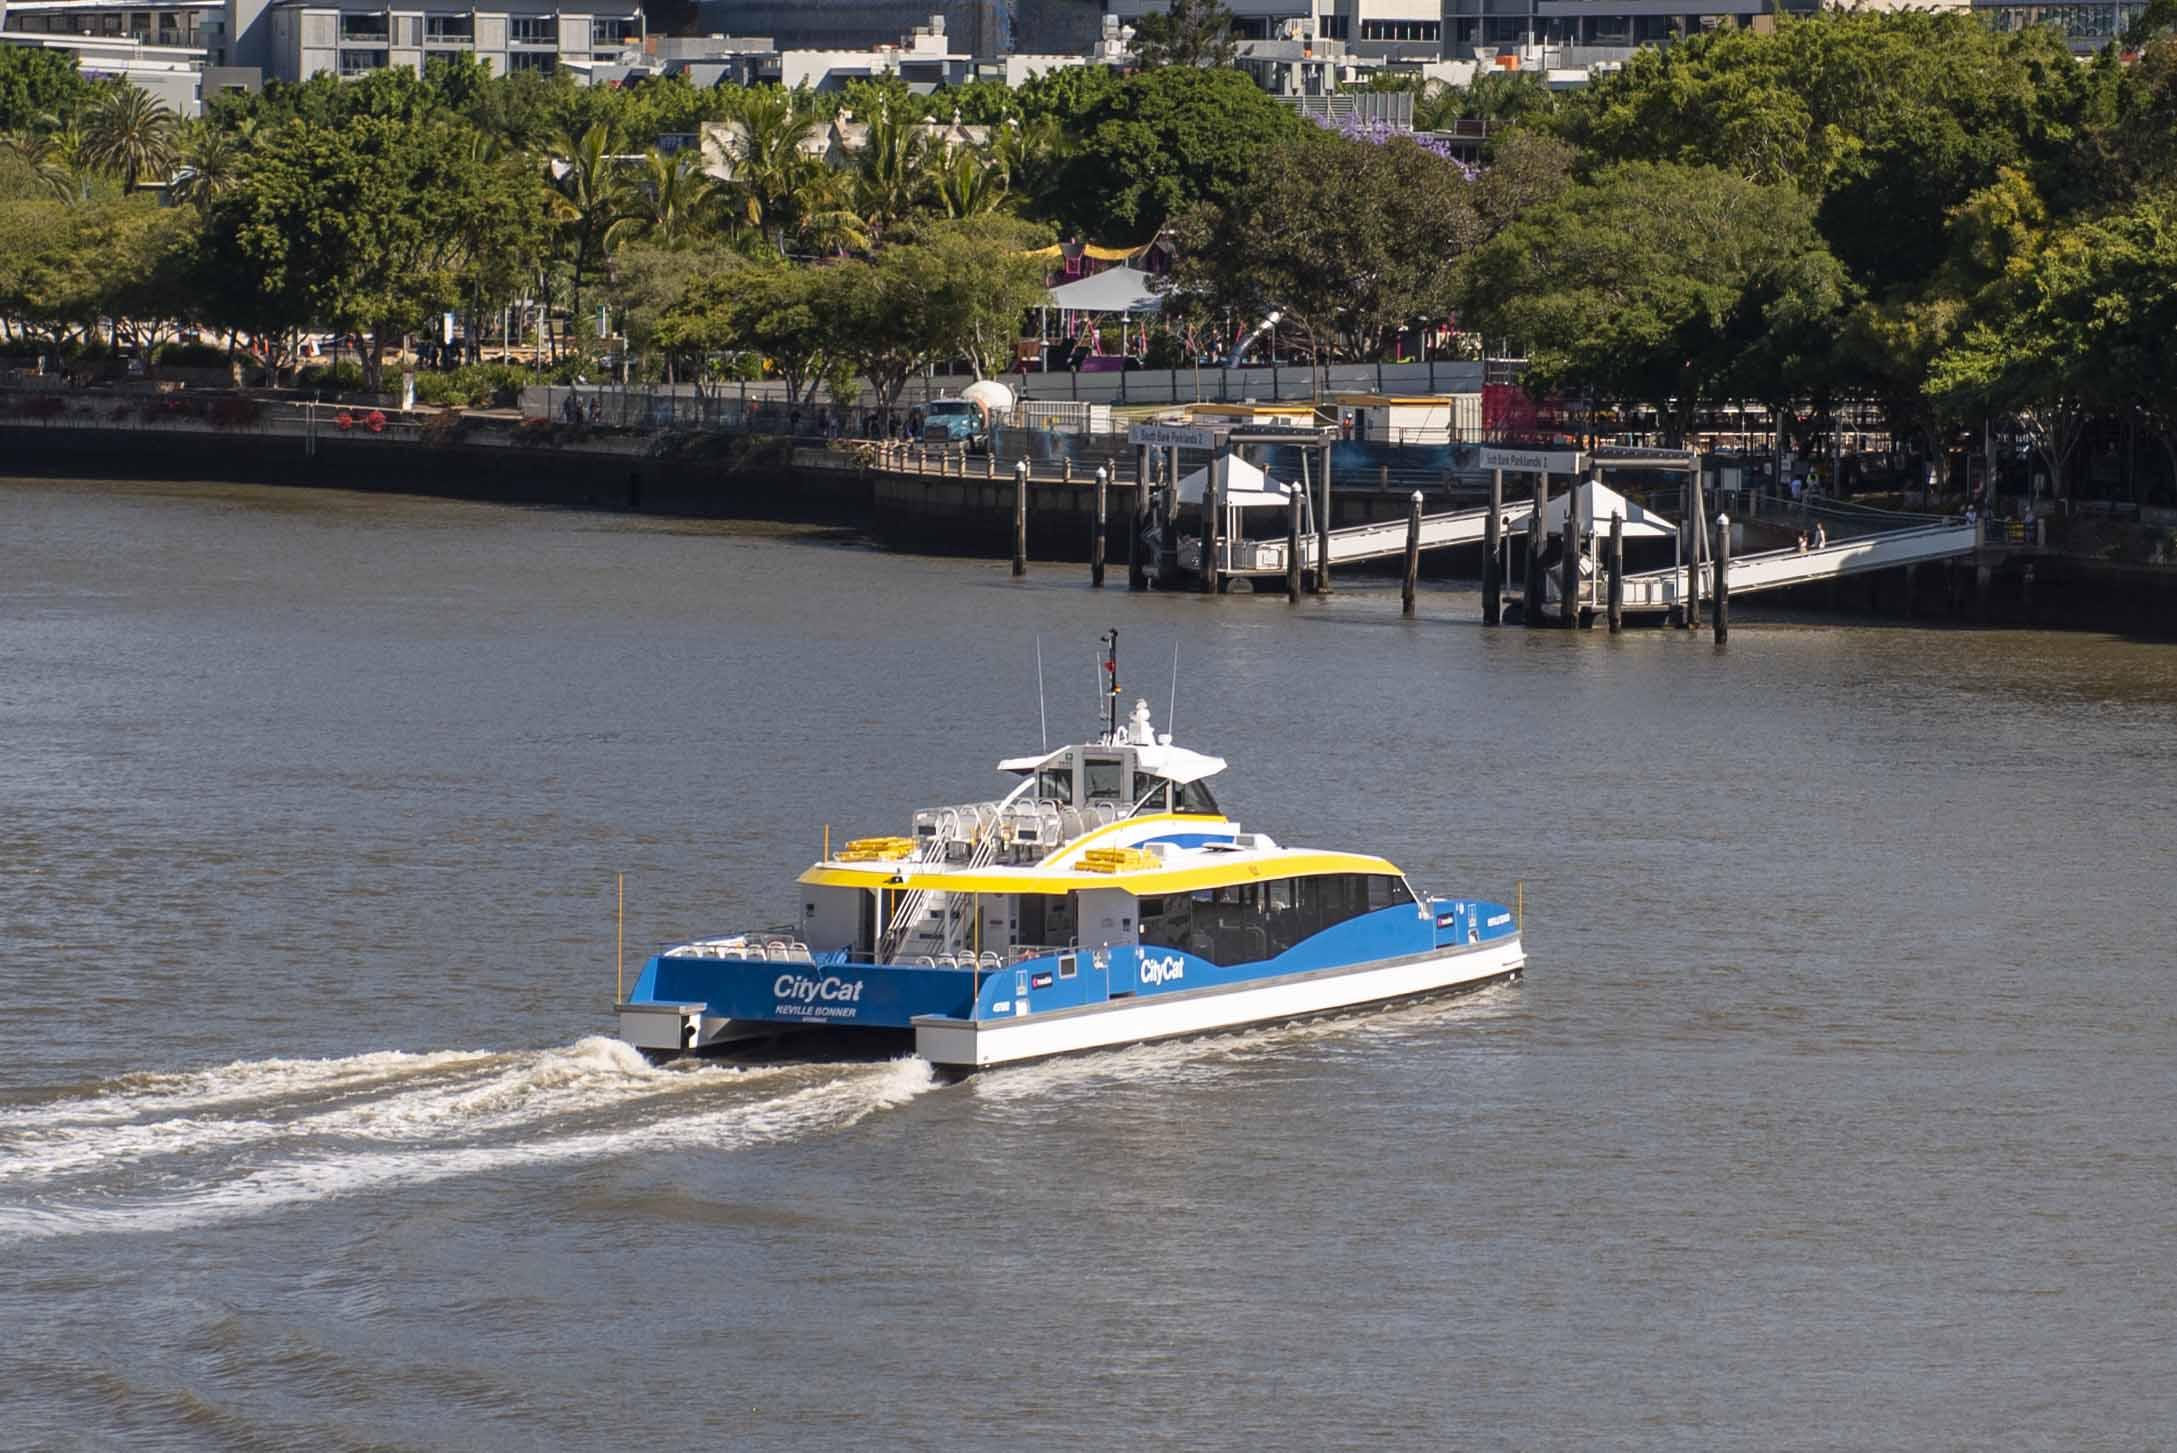 A Brisbane City Council CityCat